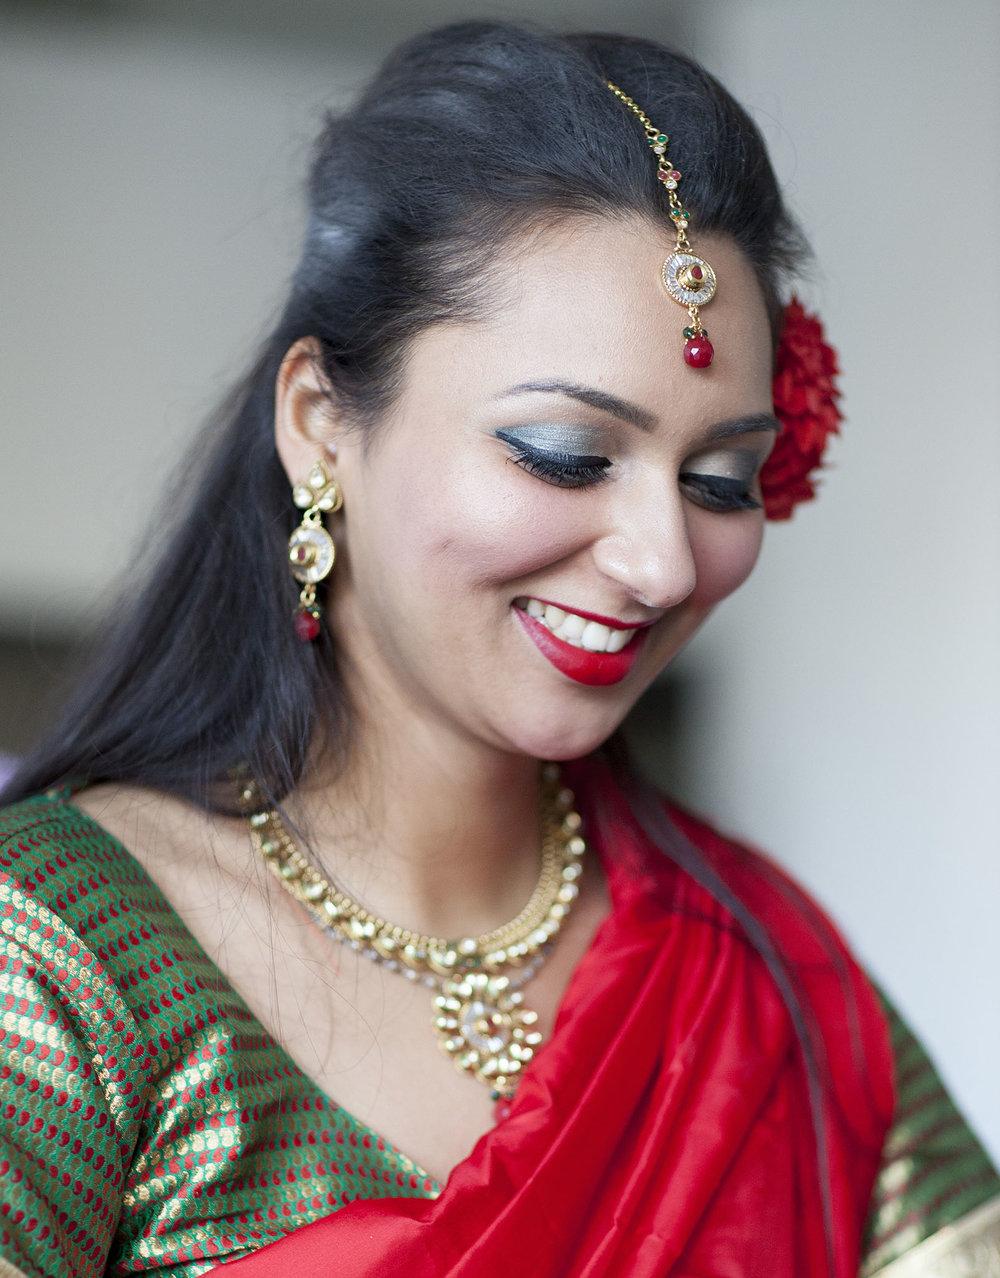 elizabethg_fineart_photography_hertfordshire_indian_wedding_mehndi_kundalata_08.jpg